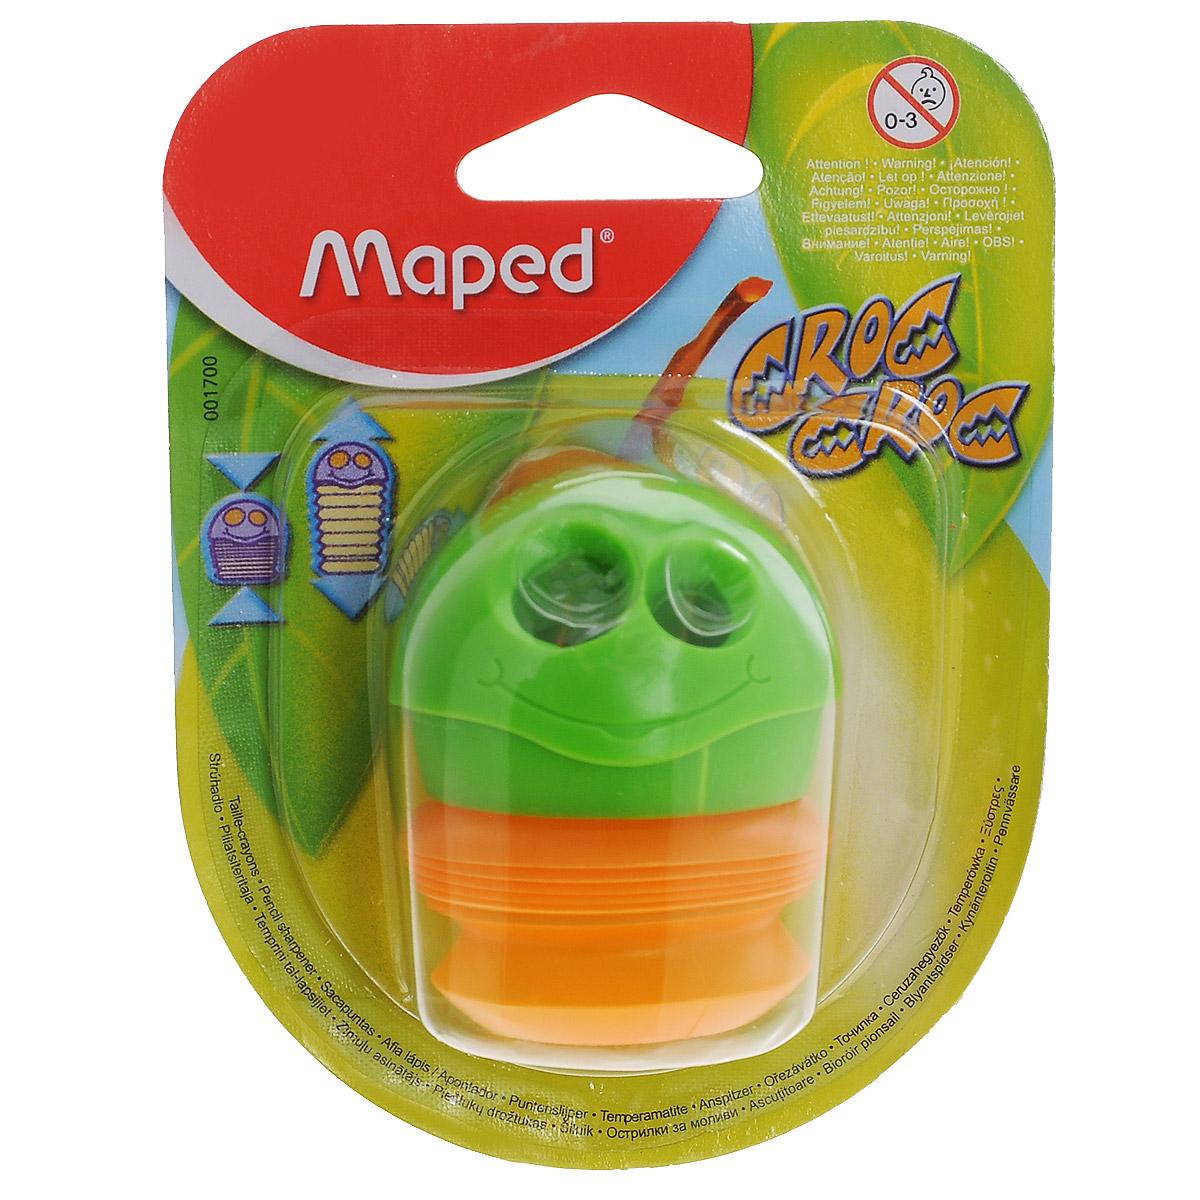 Точилка Maped Сroc-Croc, цвет: зеленый, оранжевый72523WDЗабавная точилка Сroc-Croc, выполненная из пластика и металла, предназначена для затачивания карандашей различного диаметра. Точилка с двумя отверстиями оснащена гибким вместительным контейнером для сбора стружки.Благодаря оригинальному дизайну и функциональности, точилка Сroc-Crocстанет любимой канцелярской принадлежностью вашего ребенка.